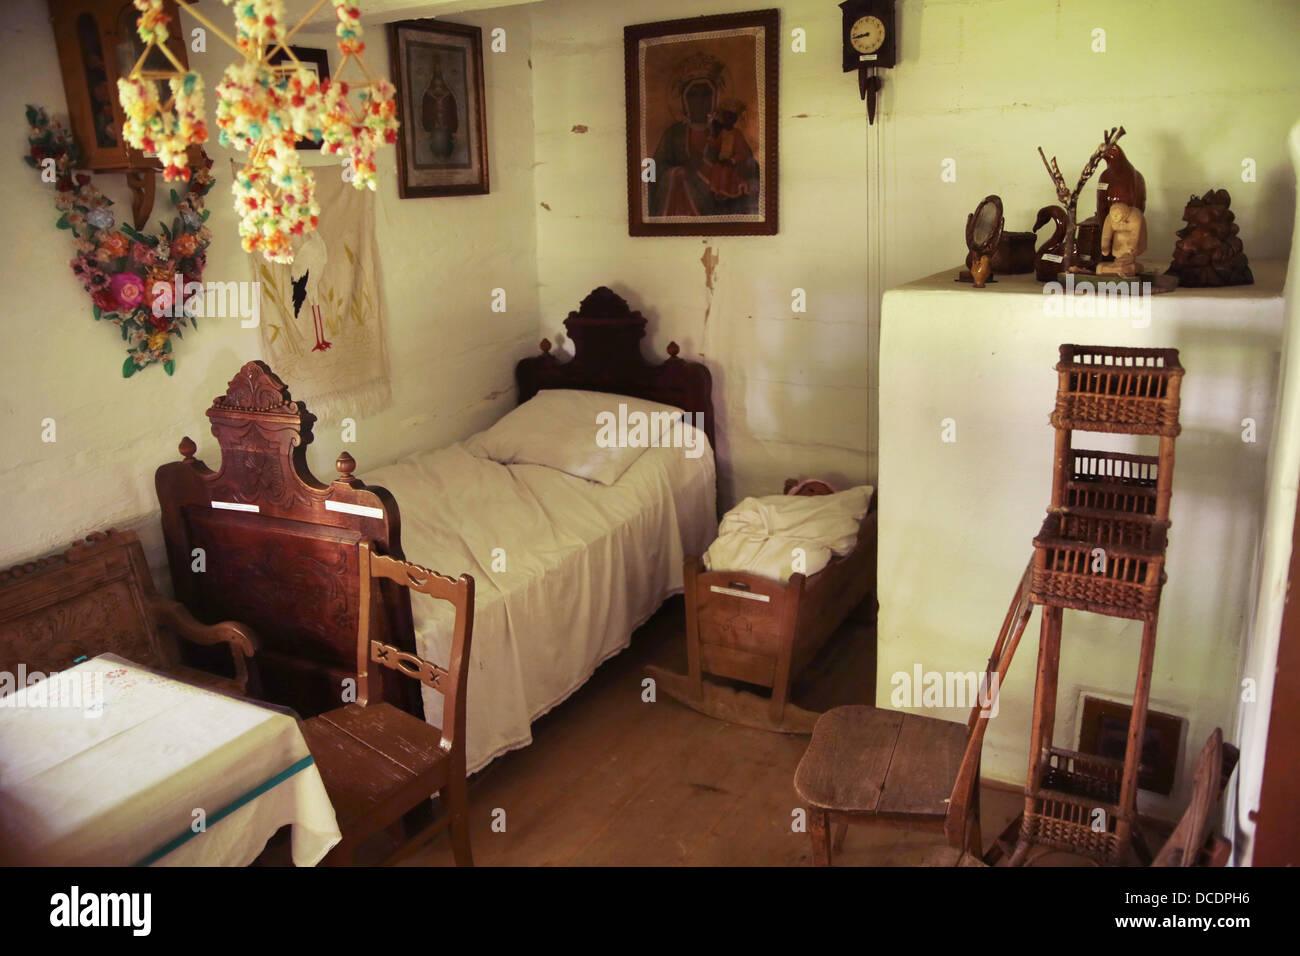 Sehr altes Holz und rustikalen Schlafzimmer Stockfoto, Bild ...